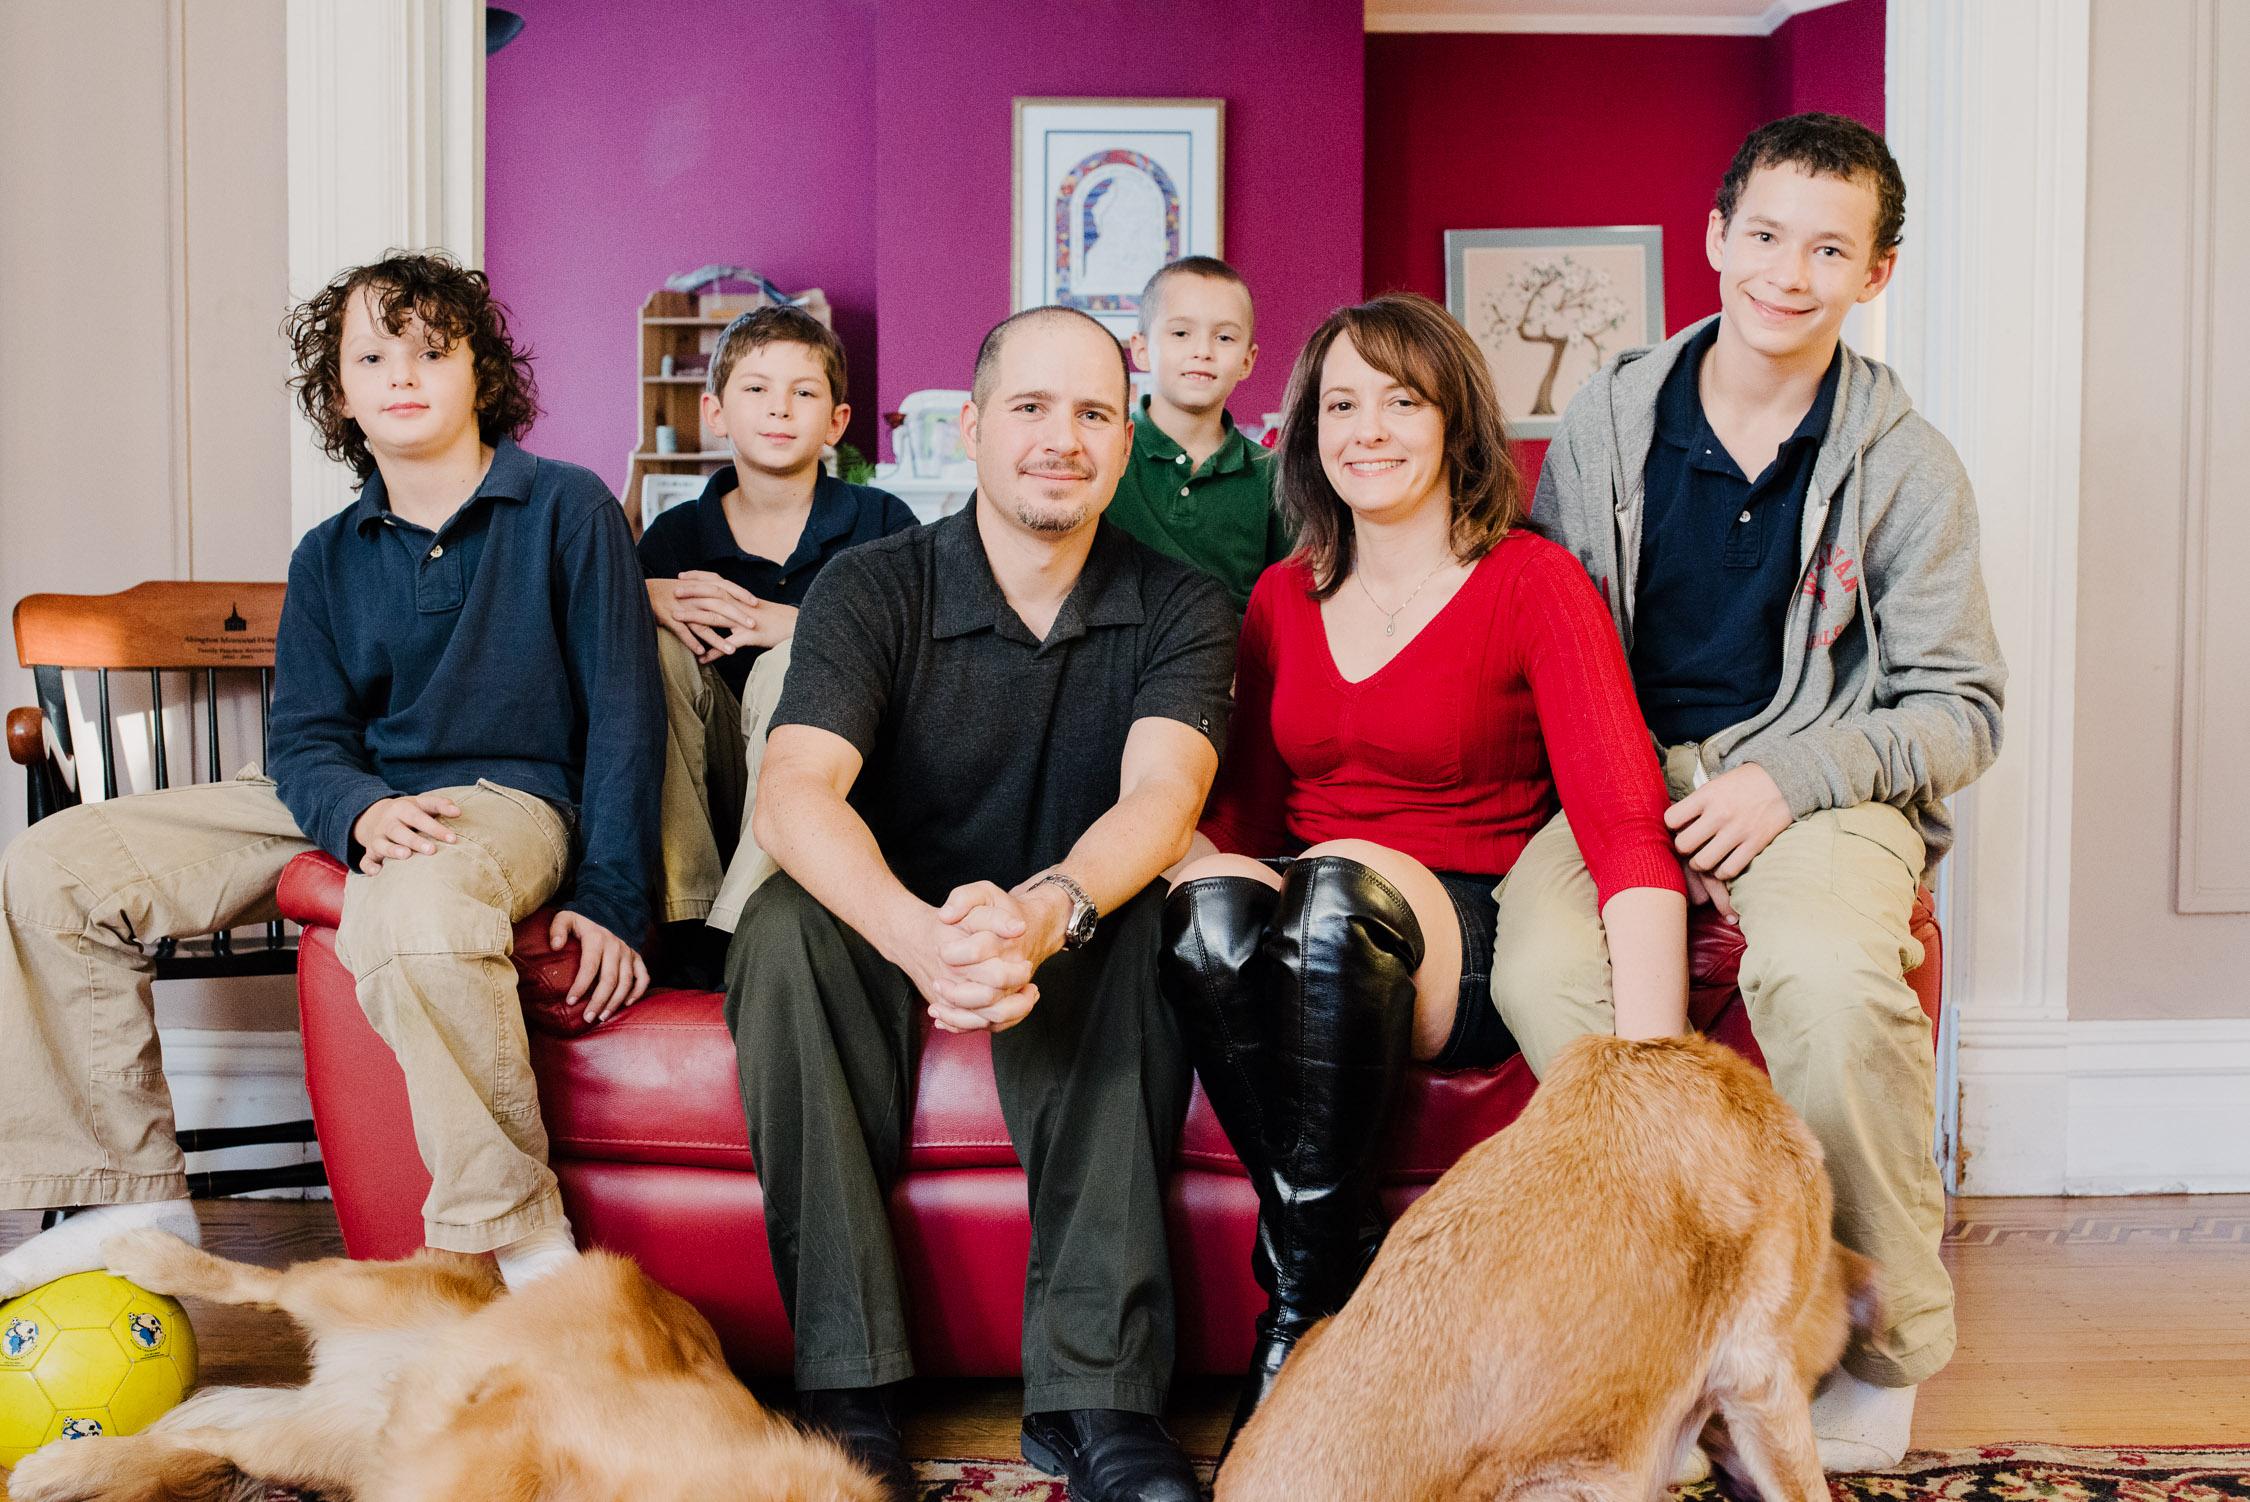 The Gilboa family, left to right: Oren, Nadav, Noam, Gavir, Deborah and Ari.